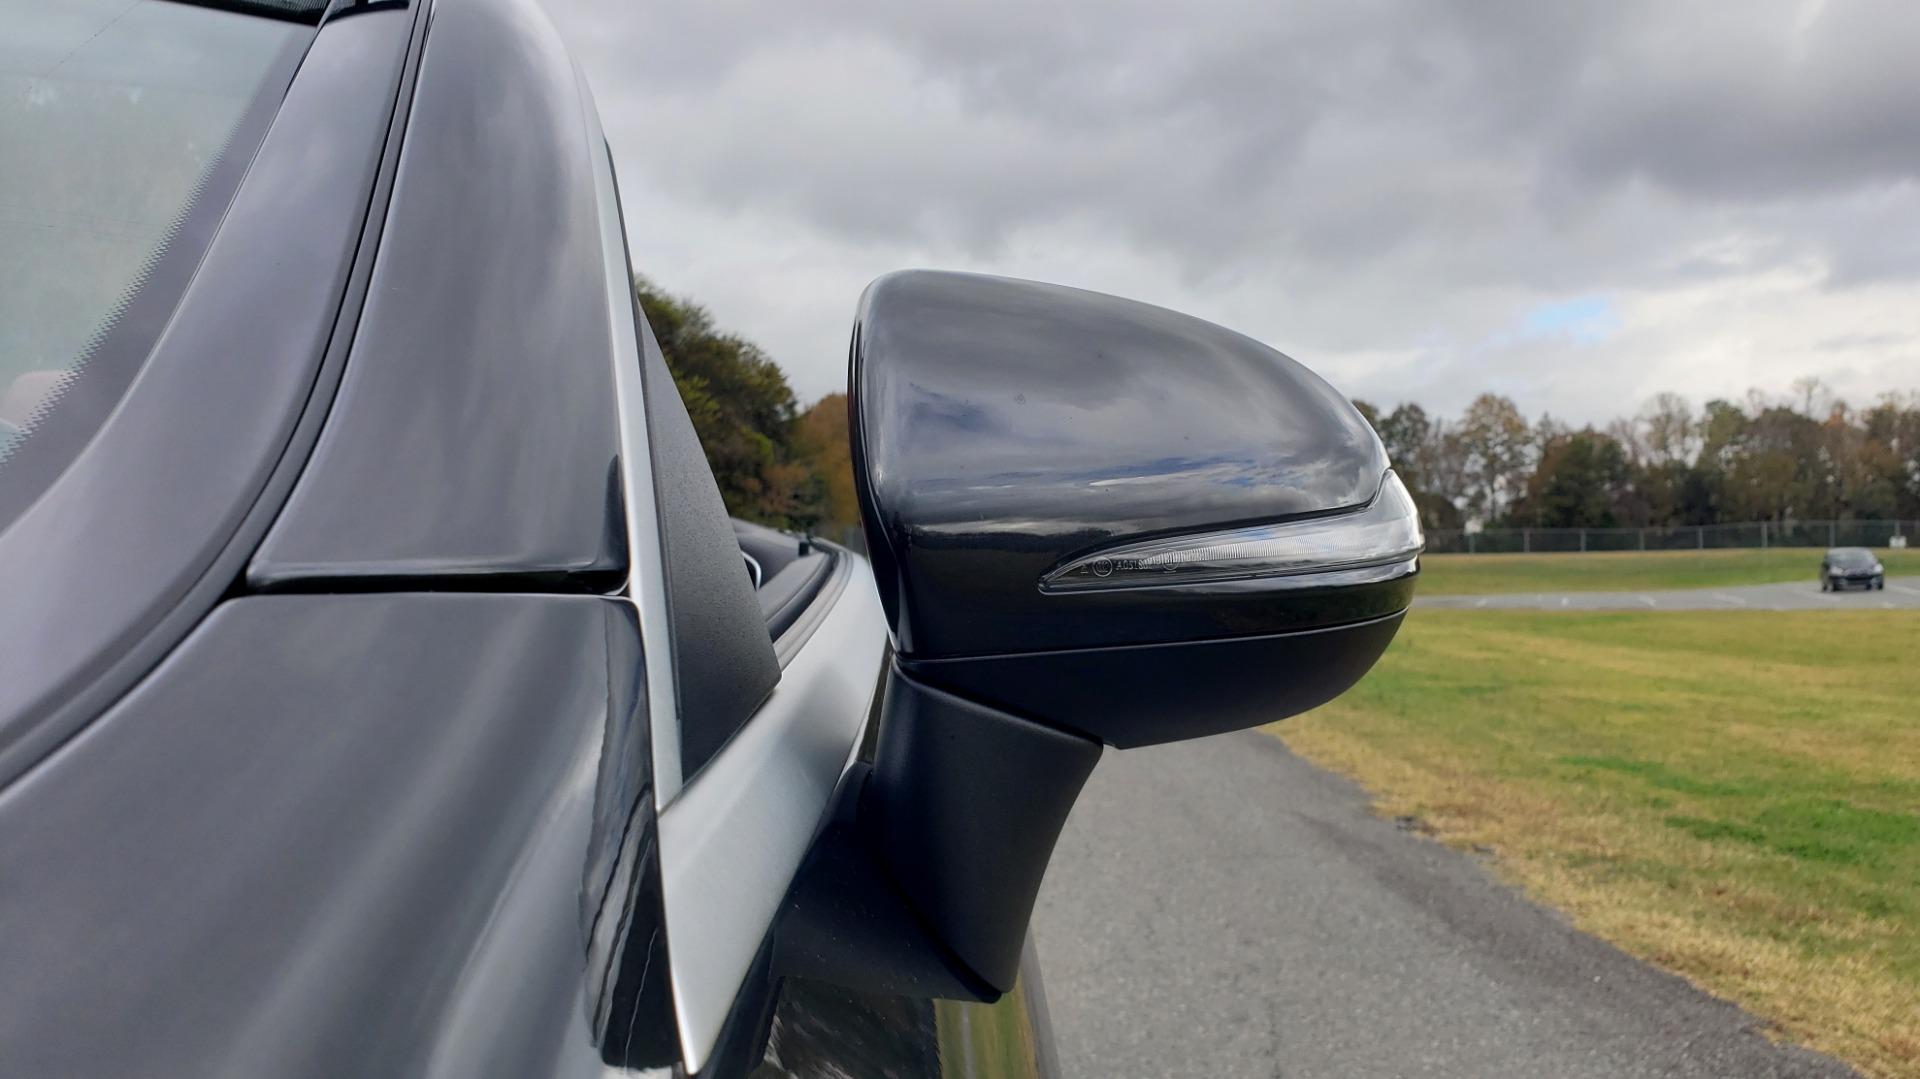 Used 2019 Mercedes-Benz C-CLASS C 300 CABRIOLET / PREM PKG / NAV / BURMESTER / MULTIMEDIA for sale $49,995 at Formula Imports in Charlotte NC 28227 55